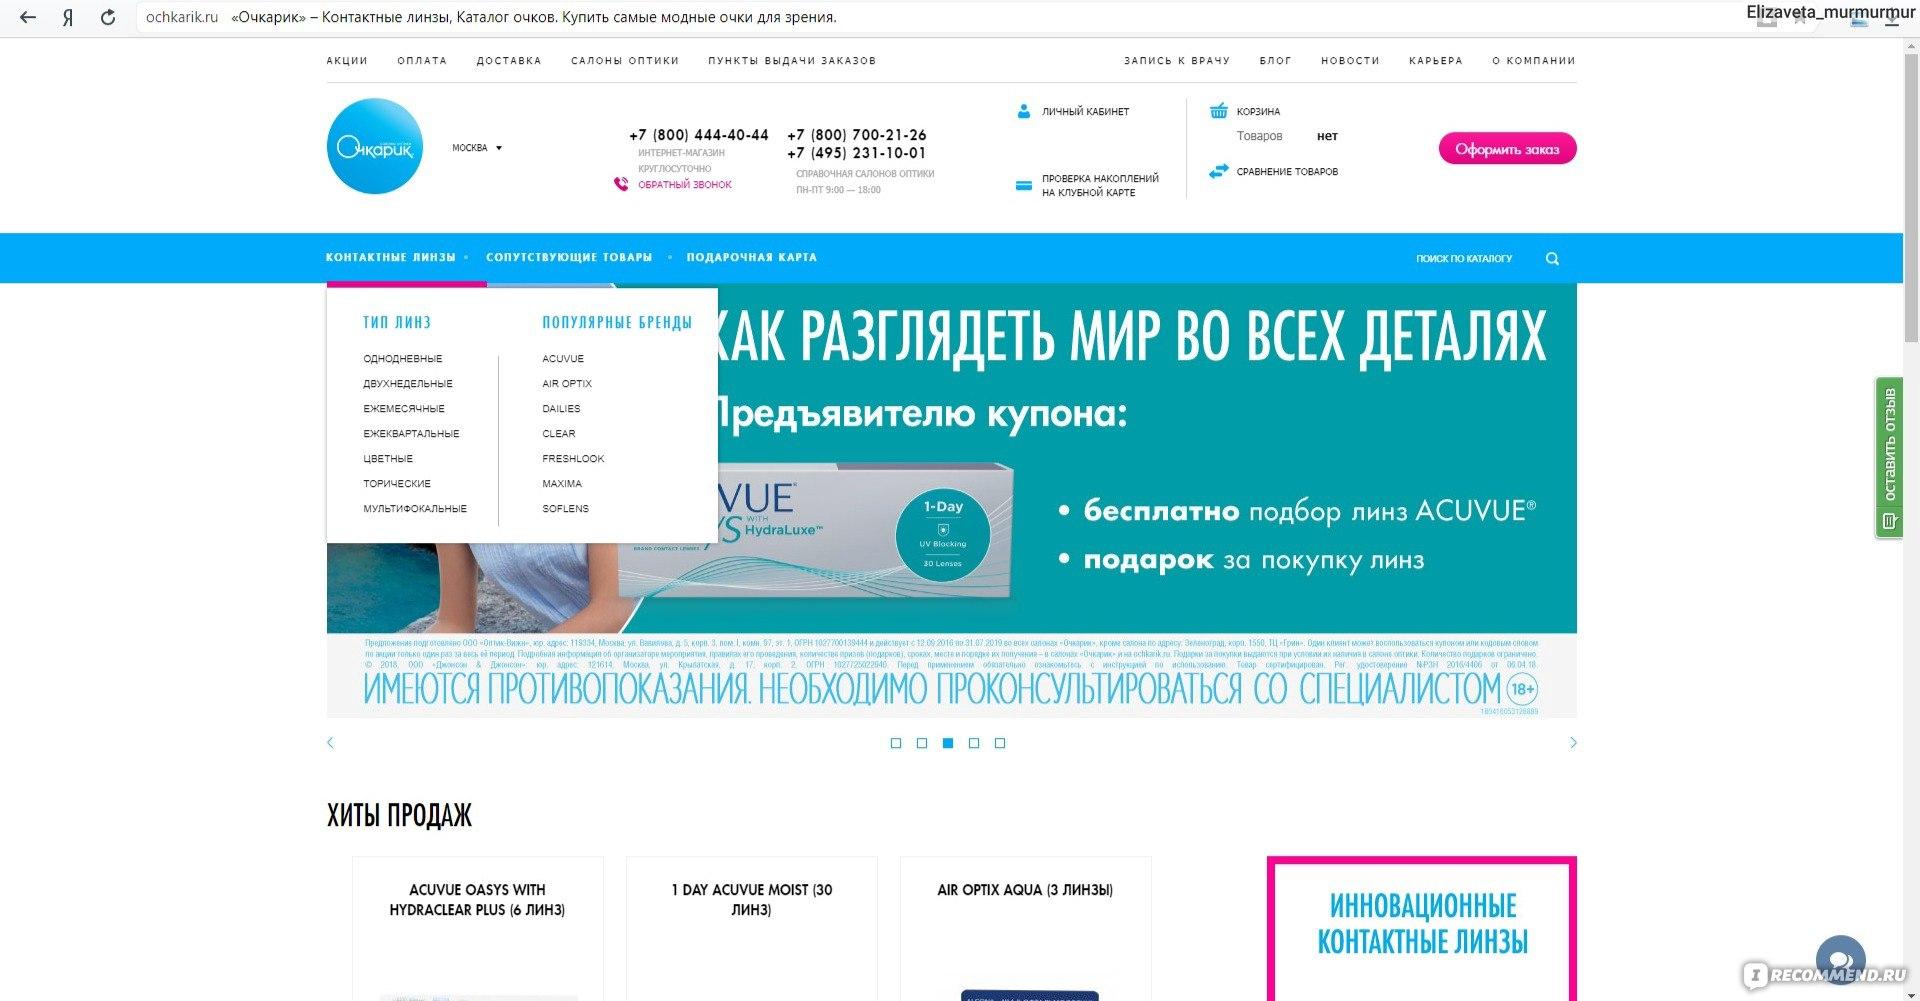 Очкарик Интернет Магазин Контактных Линз Белгород